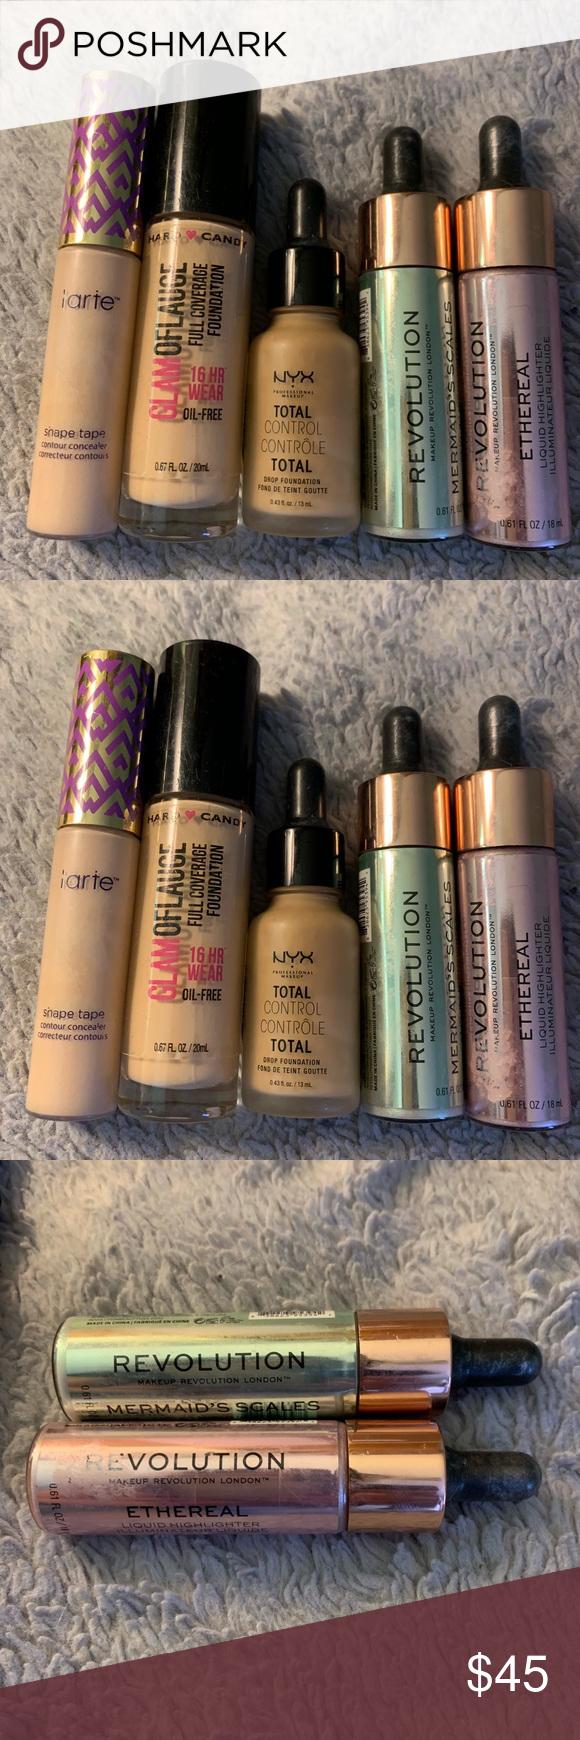 Tarte concealer, makeup revolution, foundation Lot Tarte